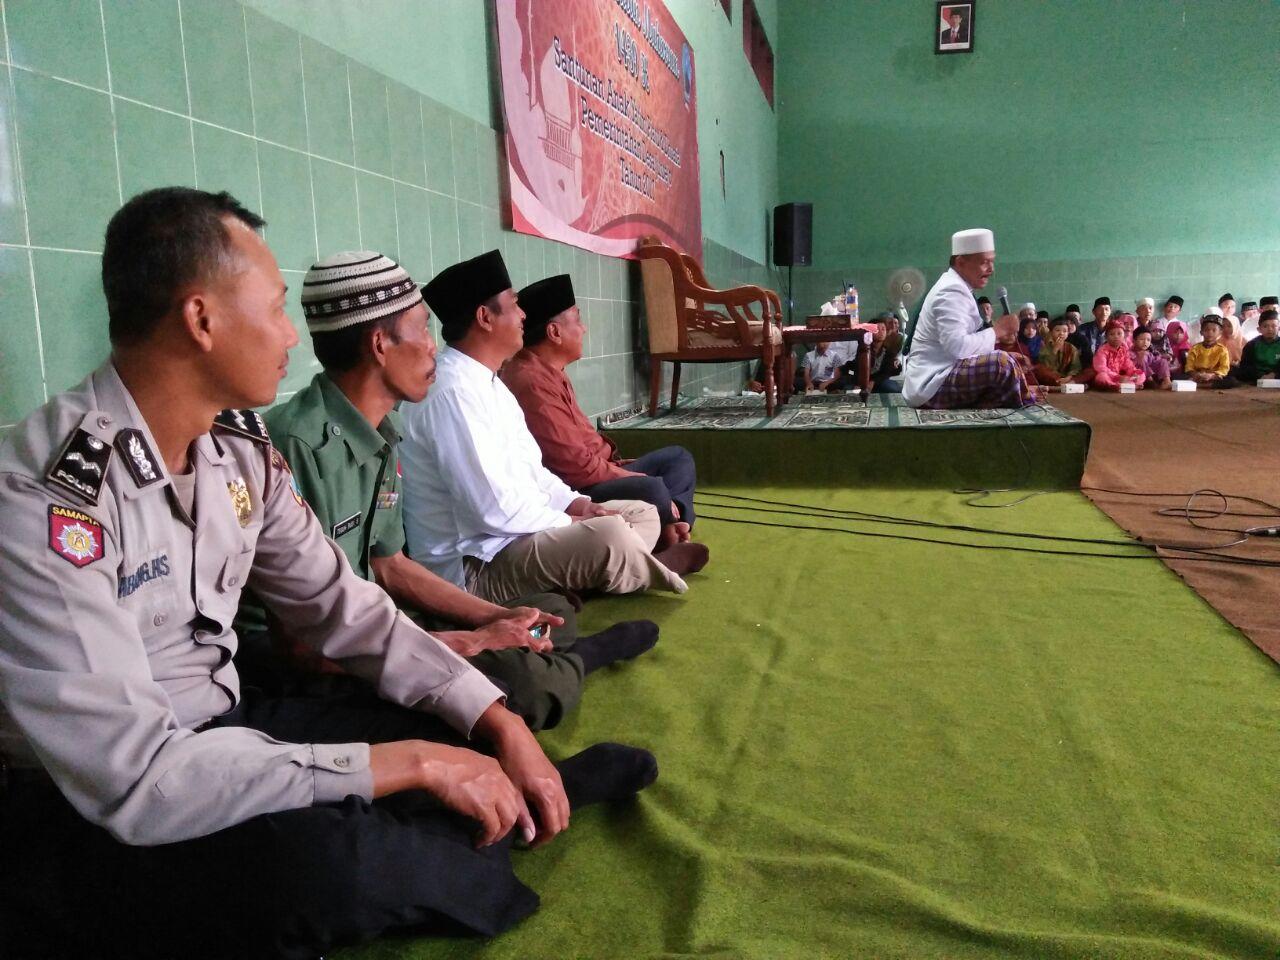 Bhabinkamtibmas Polsek Junrejo Polres Batu Bersama 3 Pilar Adakan Pengajian Dan Santunan Anak Yatim